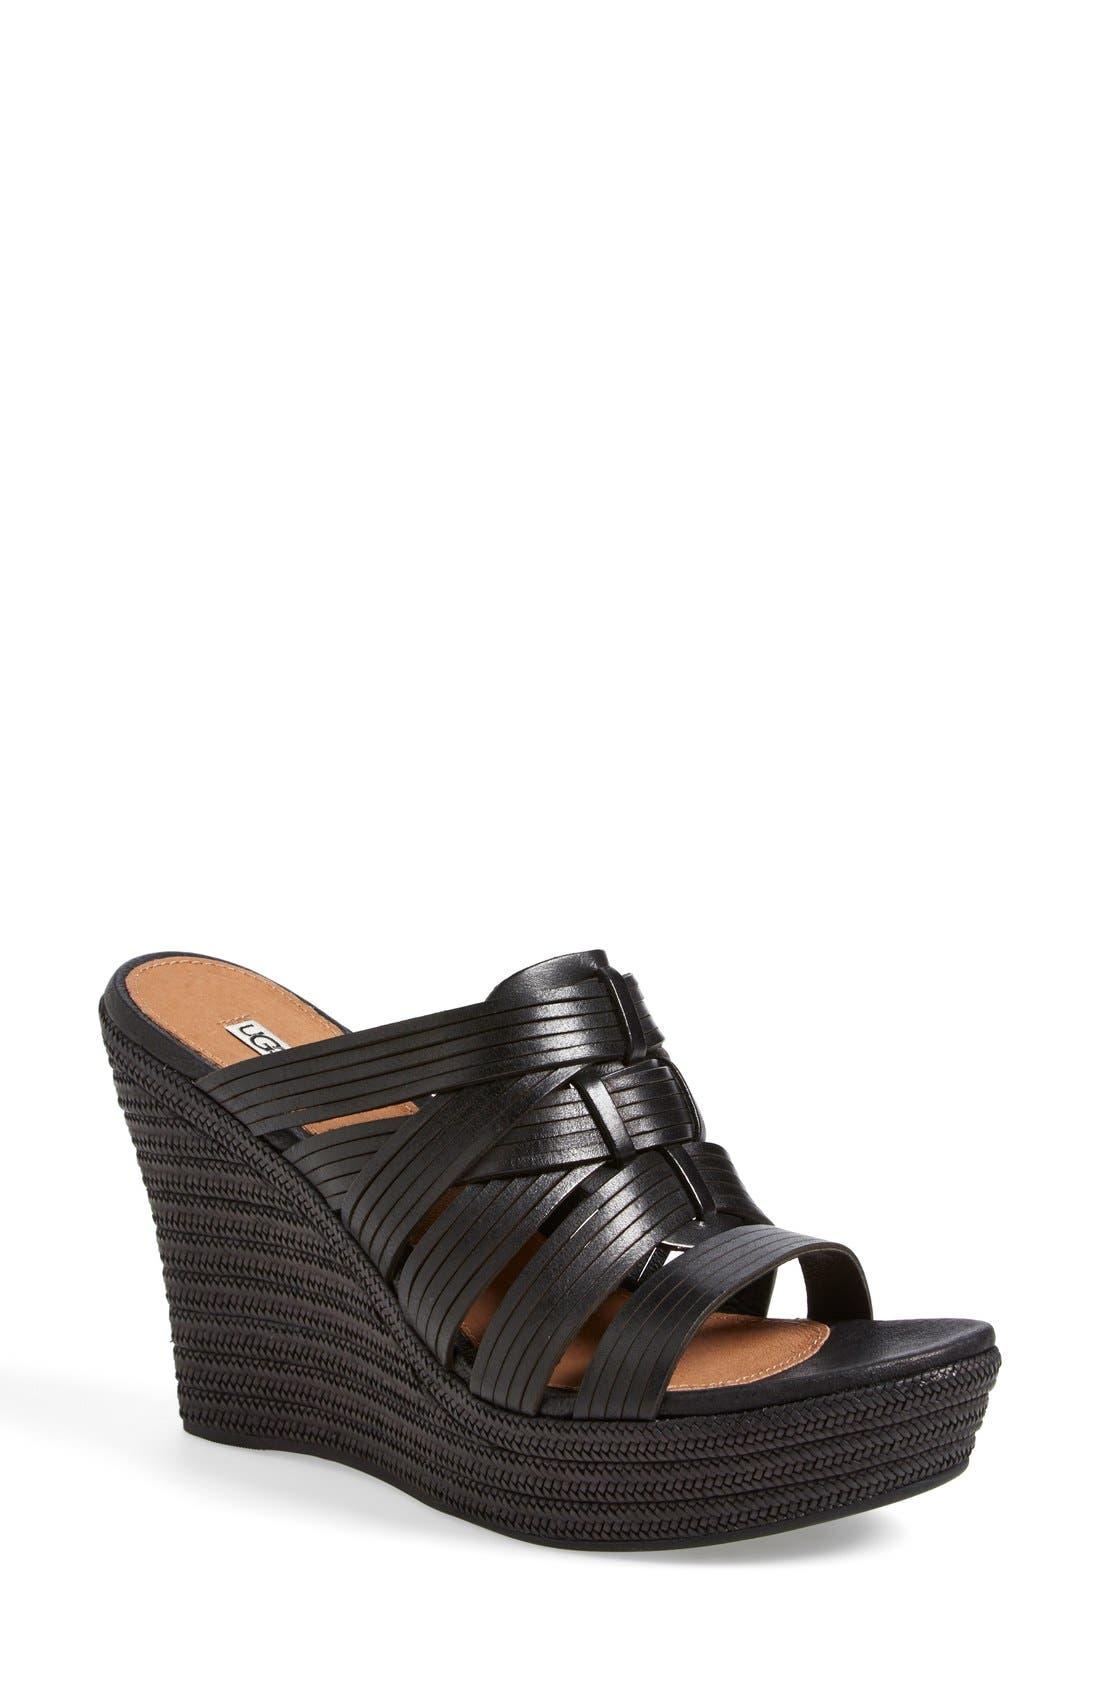 'Melinda' Platform Wedge Sandal, Main, color, 001